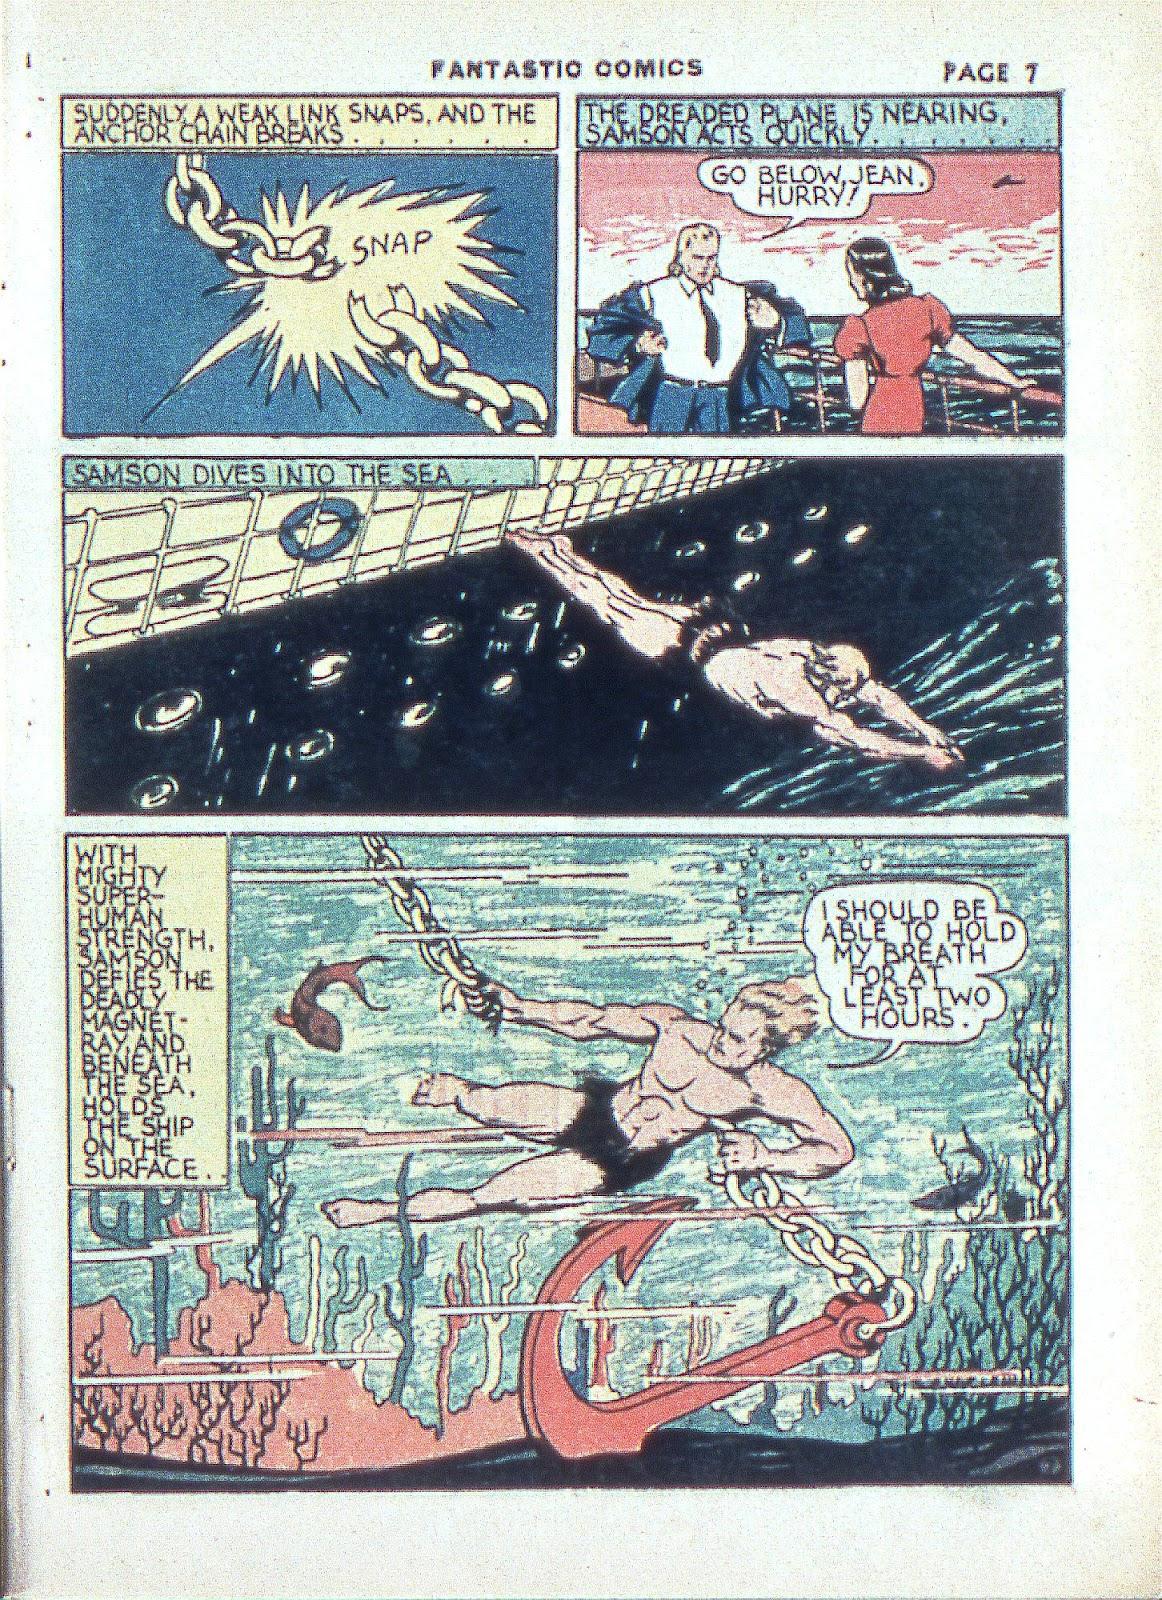 Read online Fantastic Comics comic -  Issue #3 - 10